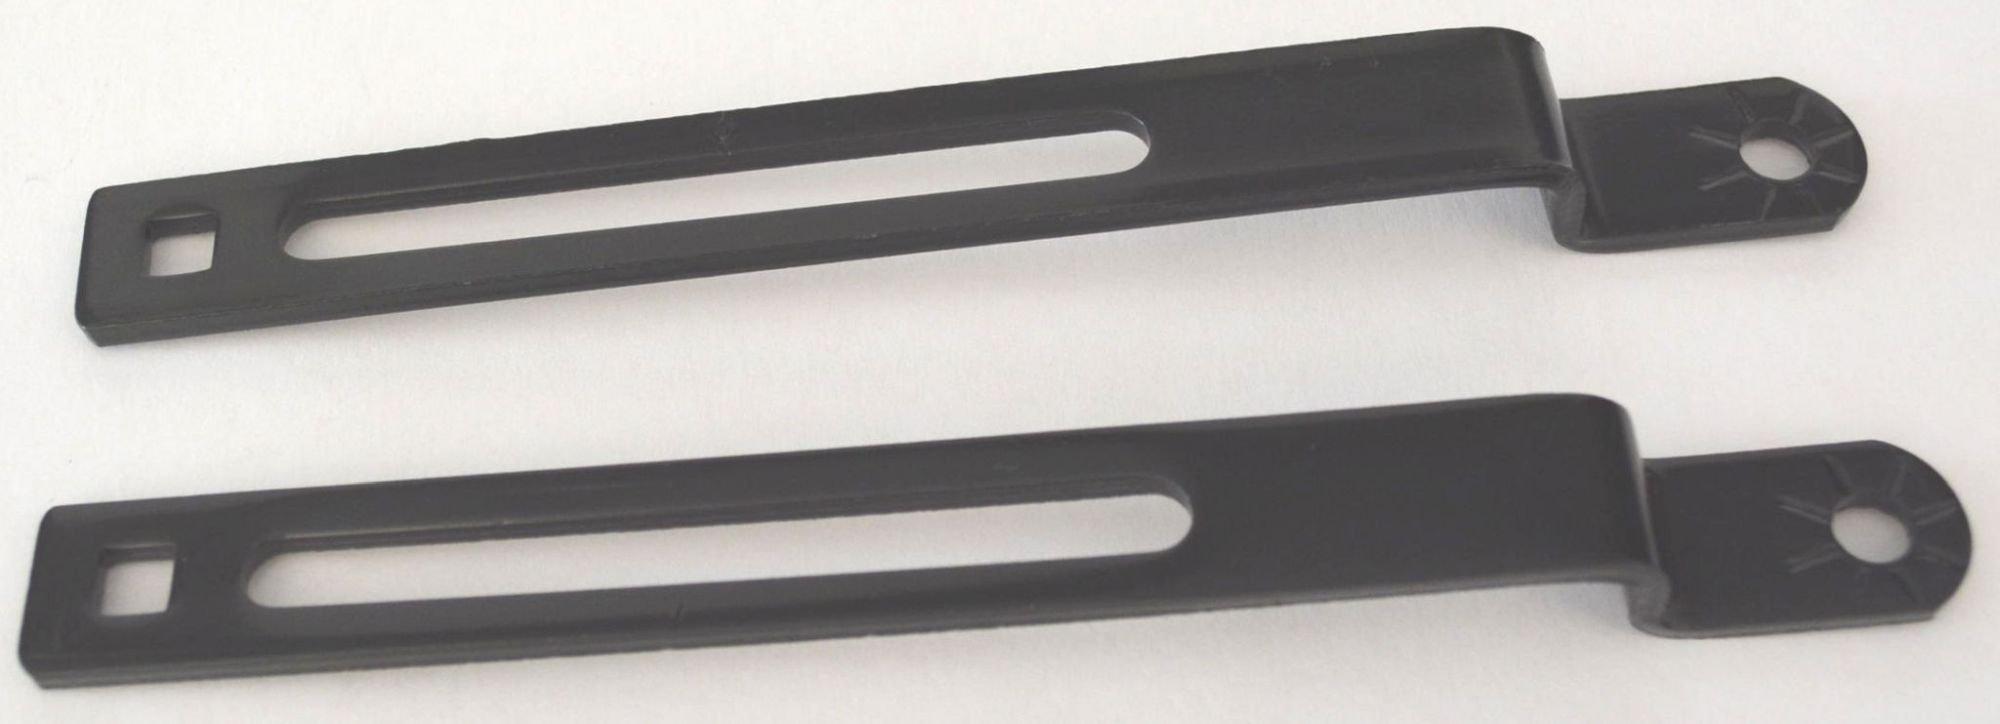 Fahrradteile/Gepäckträger: Fuxon  Befestigungsstreben lang 140 mm 140 mm